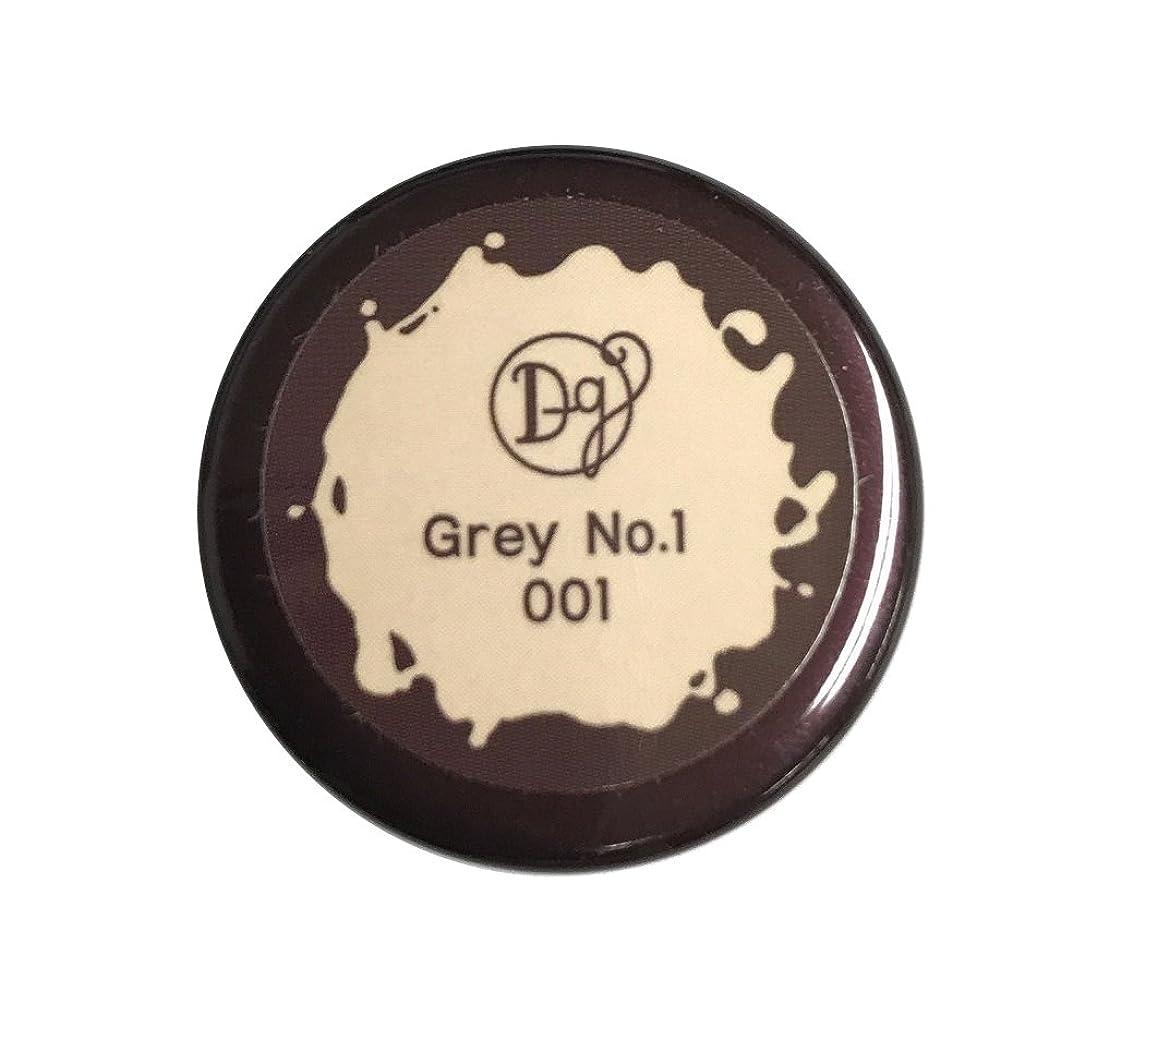 足首オセアニア含めるデコラガール カラージェル 001 グレーNo1 3g